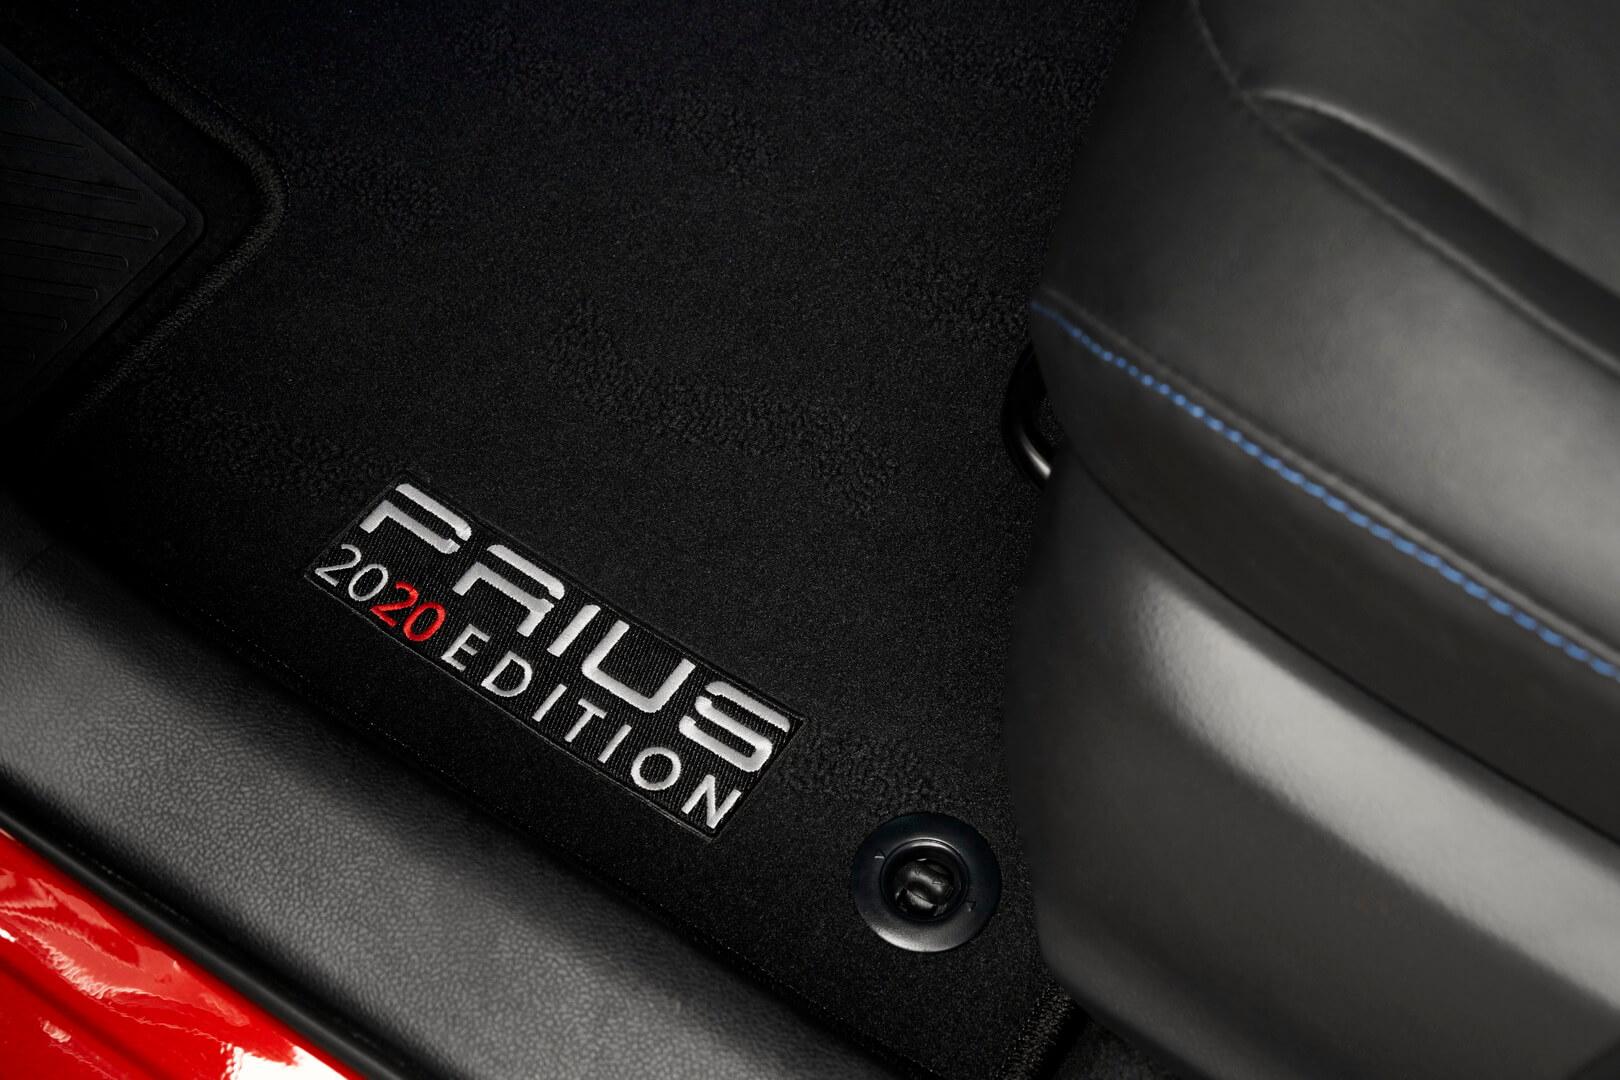 Напольные коврики с символикой Prius 2020 Edition